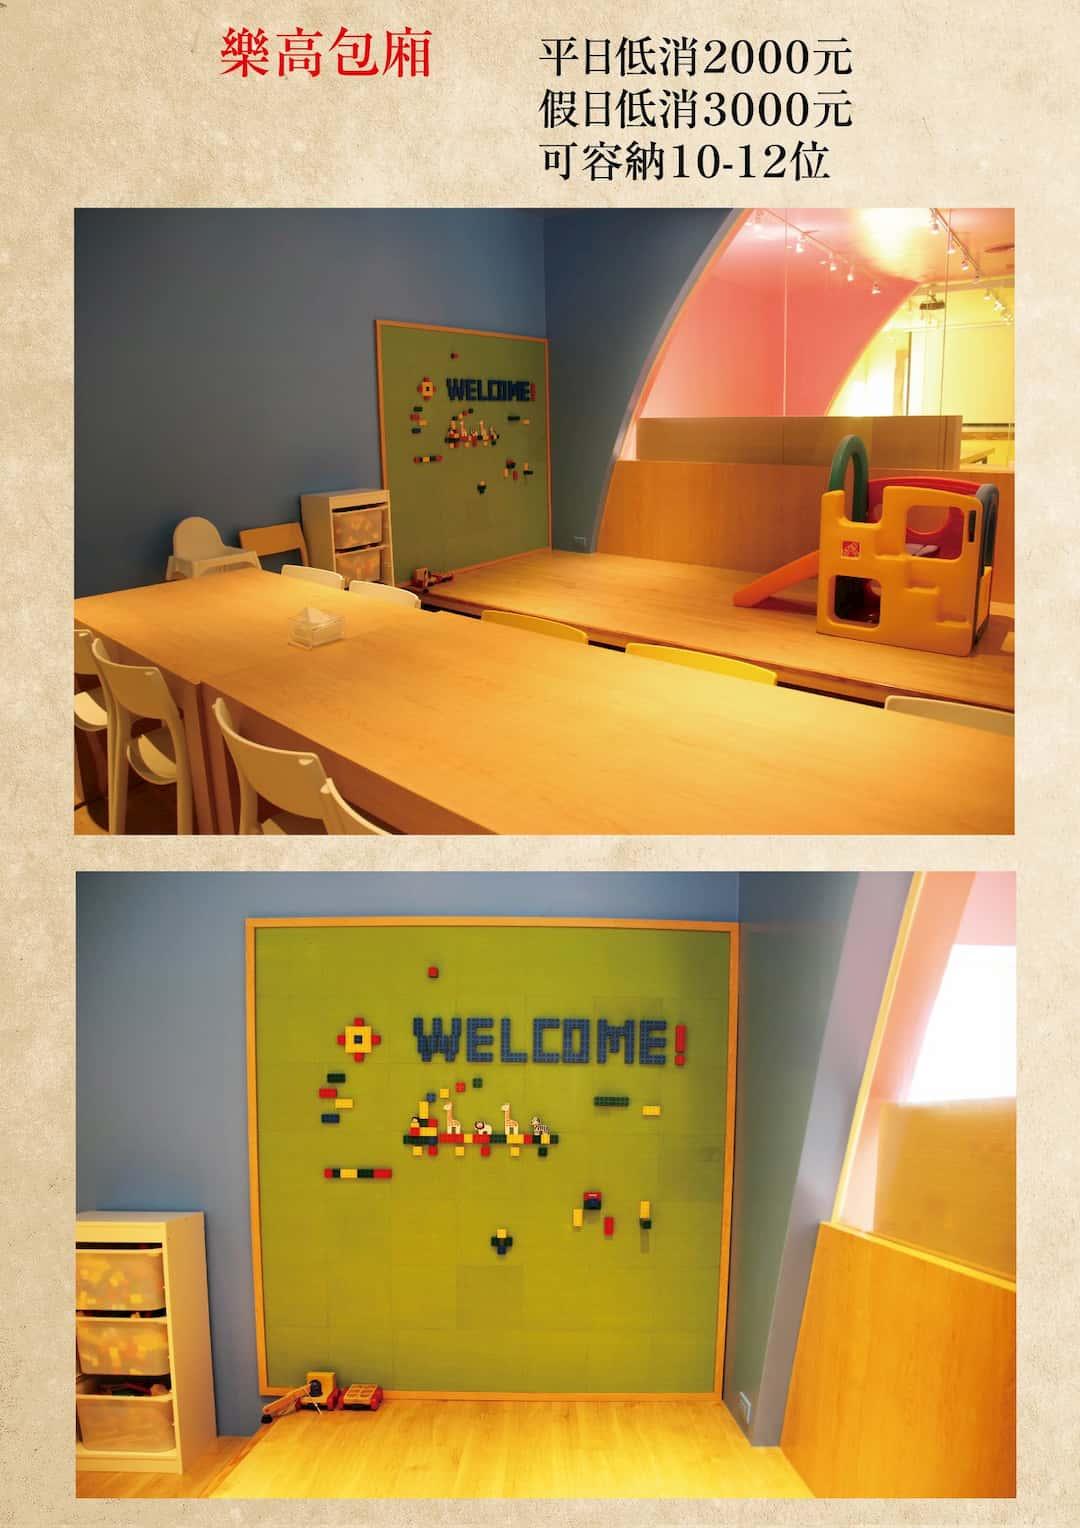 叉子餐廳- 2F兒童遊戲樂高包廂區- 圖片來源:叉子餐廳官方FB